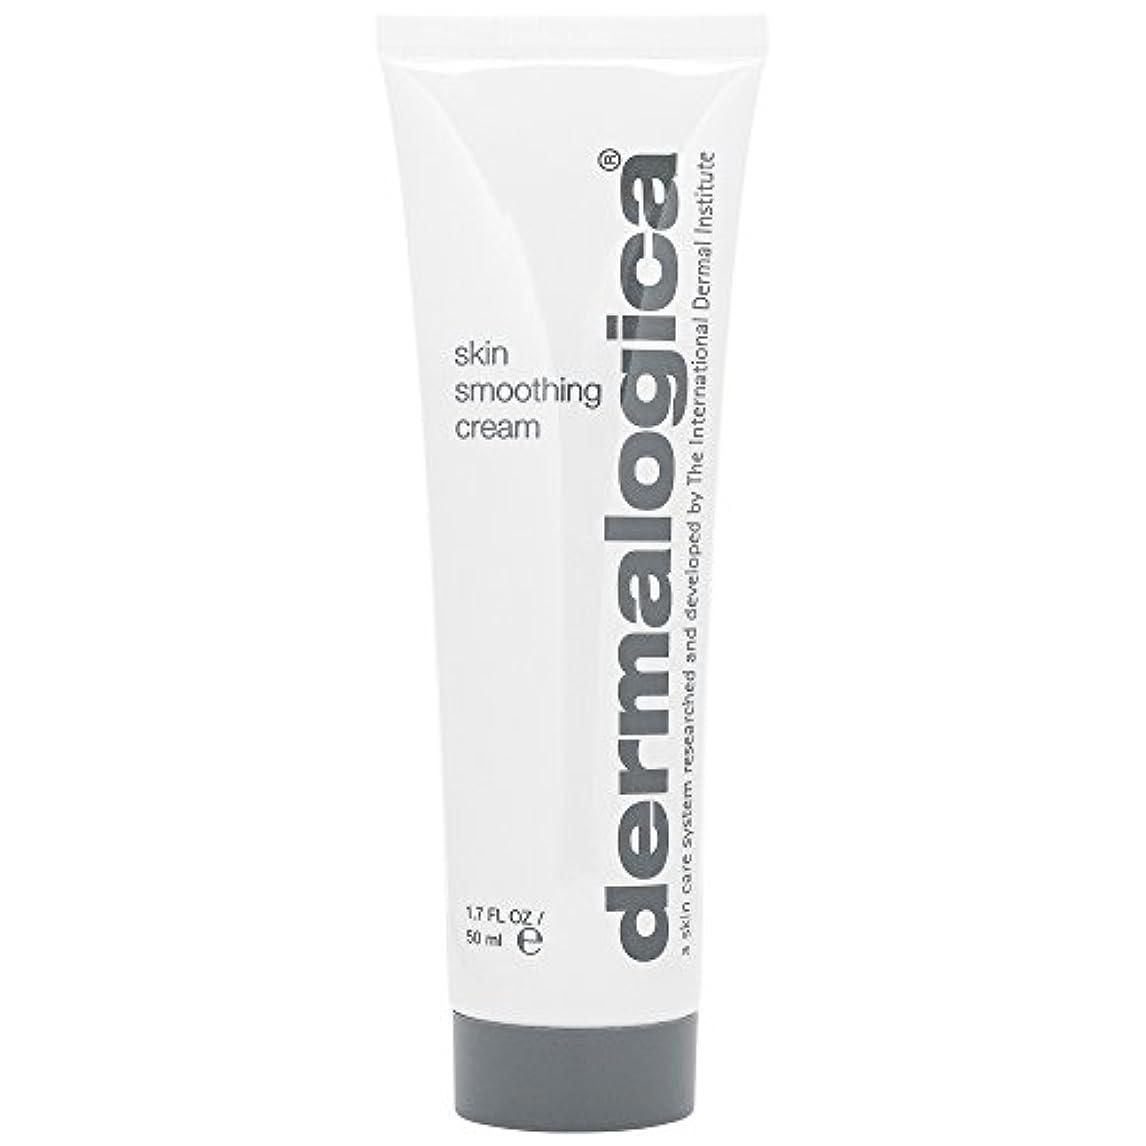 交差点ボクシングファイルダーマロジカスキンスムージングクリーム50ミリリットル (Dermalogica) (x6) - Dermalogica Skin Smoothing Cream 50ml (Pack of 6) [並行輸入品]